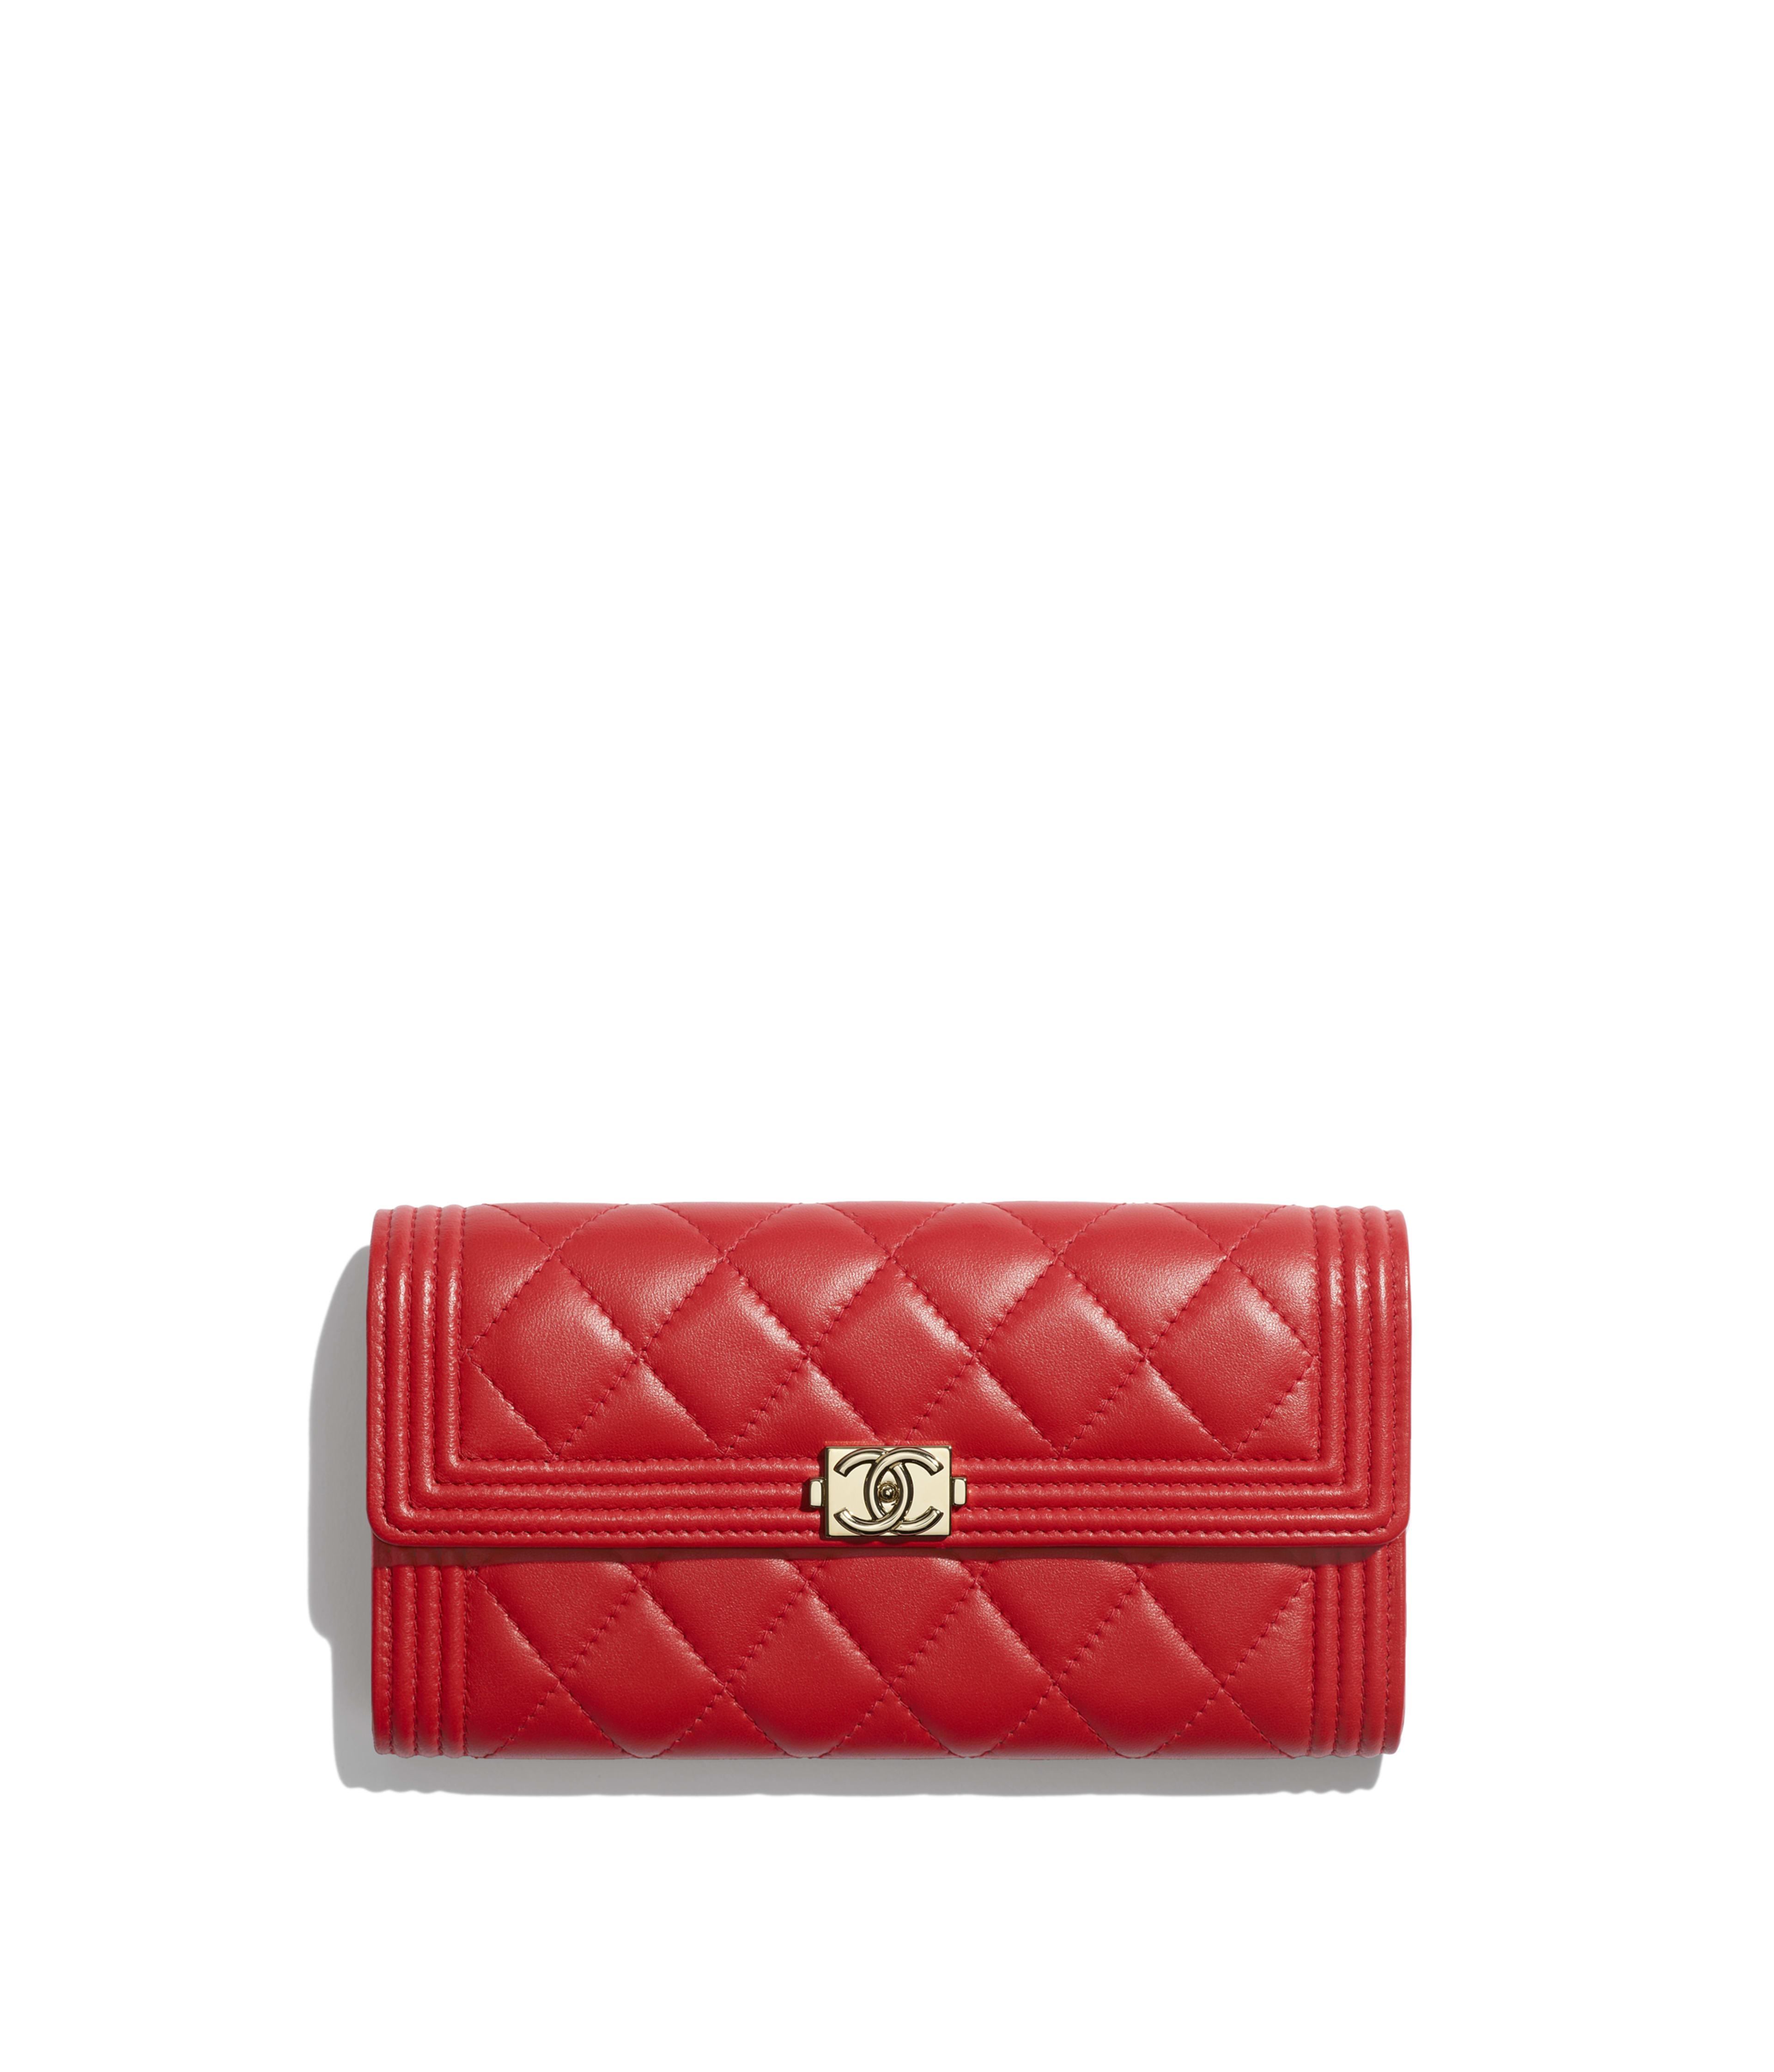 b9fe14081f66 BOY CHANEL Long Flap Wallet Lambskin & Gold-Tone Metal, Red Ref.  A80286Y04059N0413